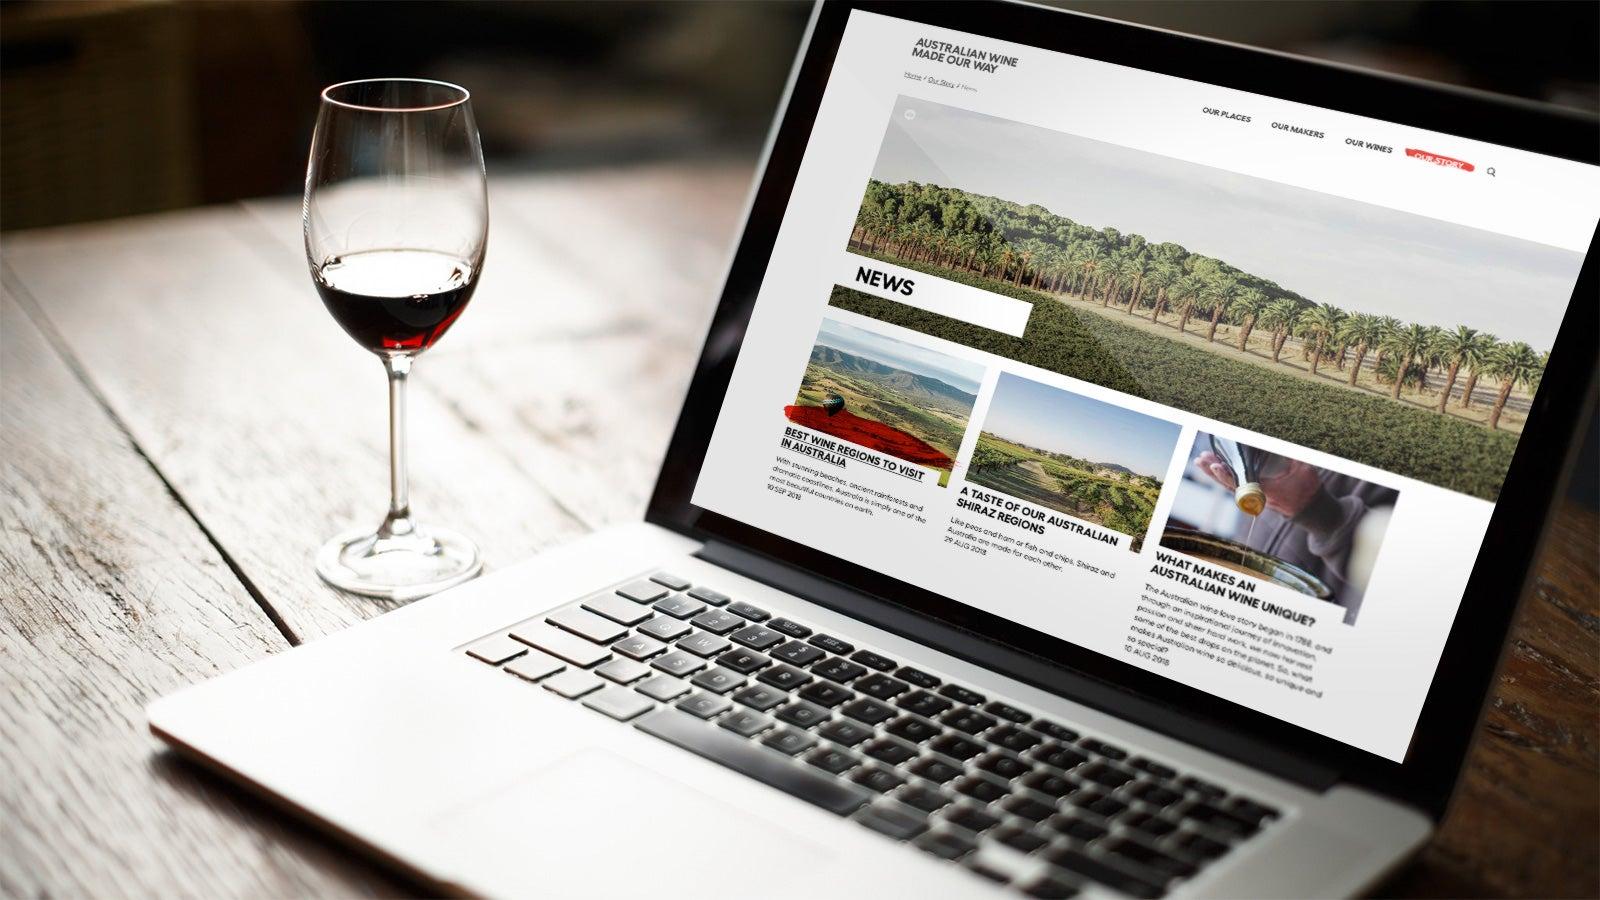 Australian Wine   website open on laptop next o a glass of red wine   Devotion